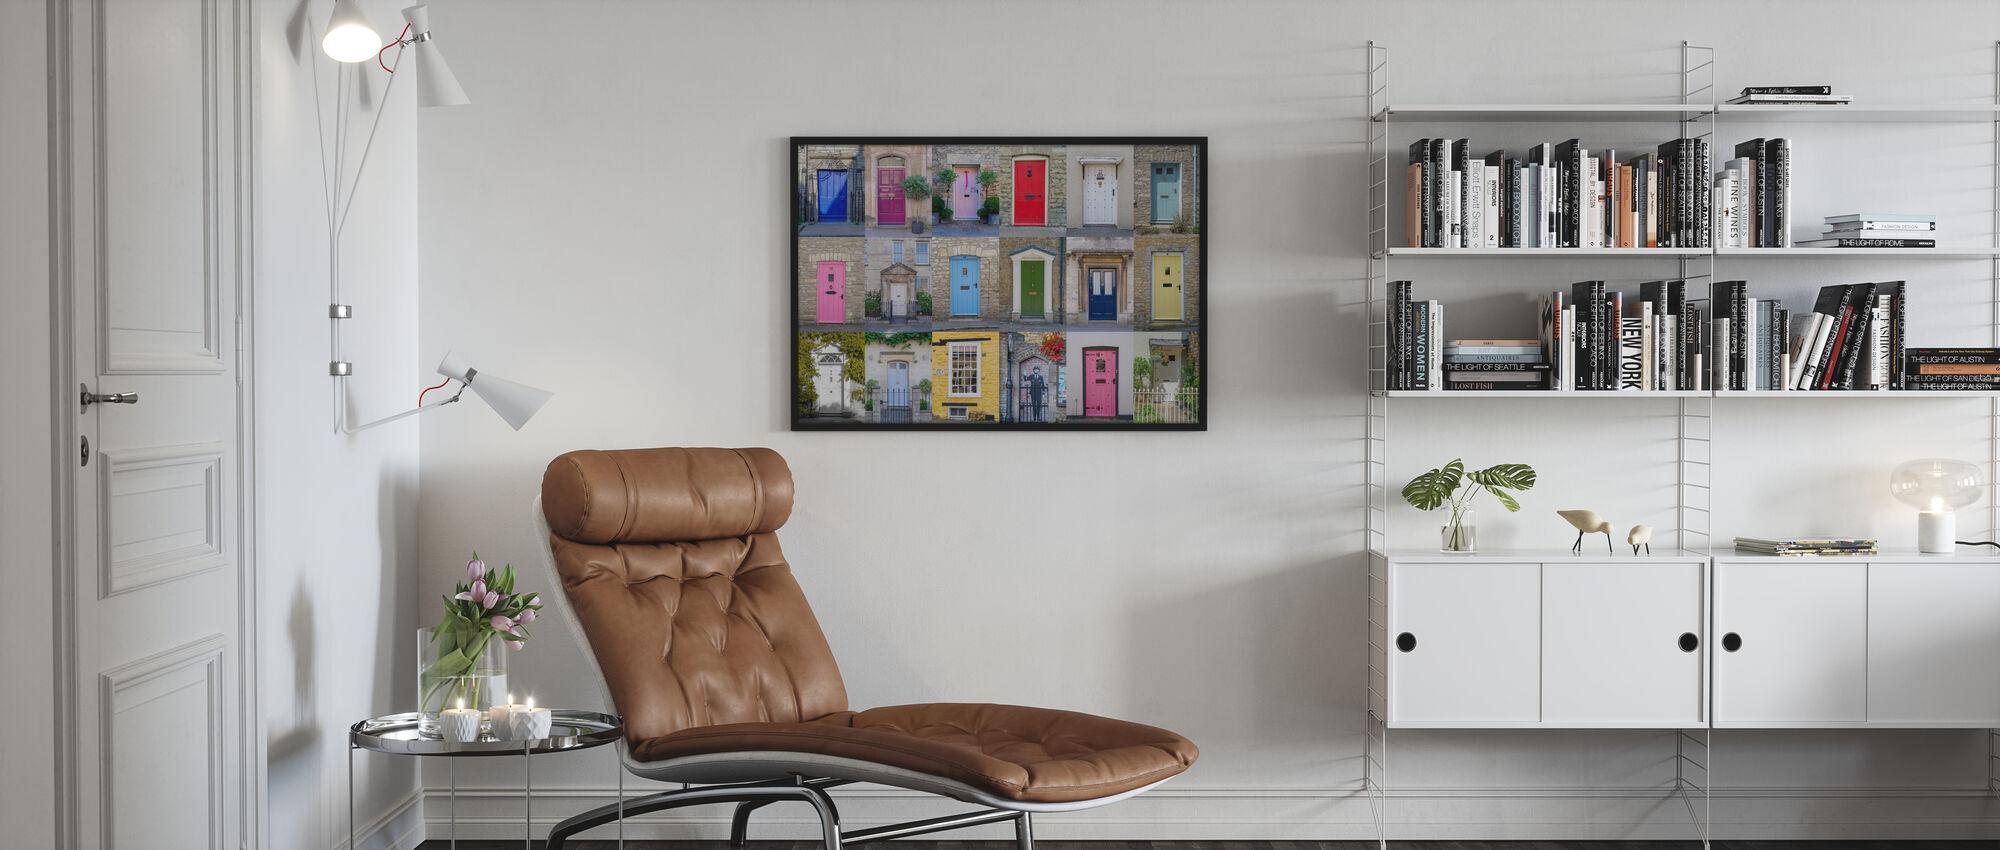 Doors - Poster - Living Room